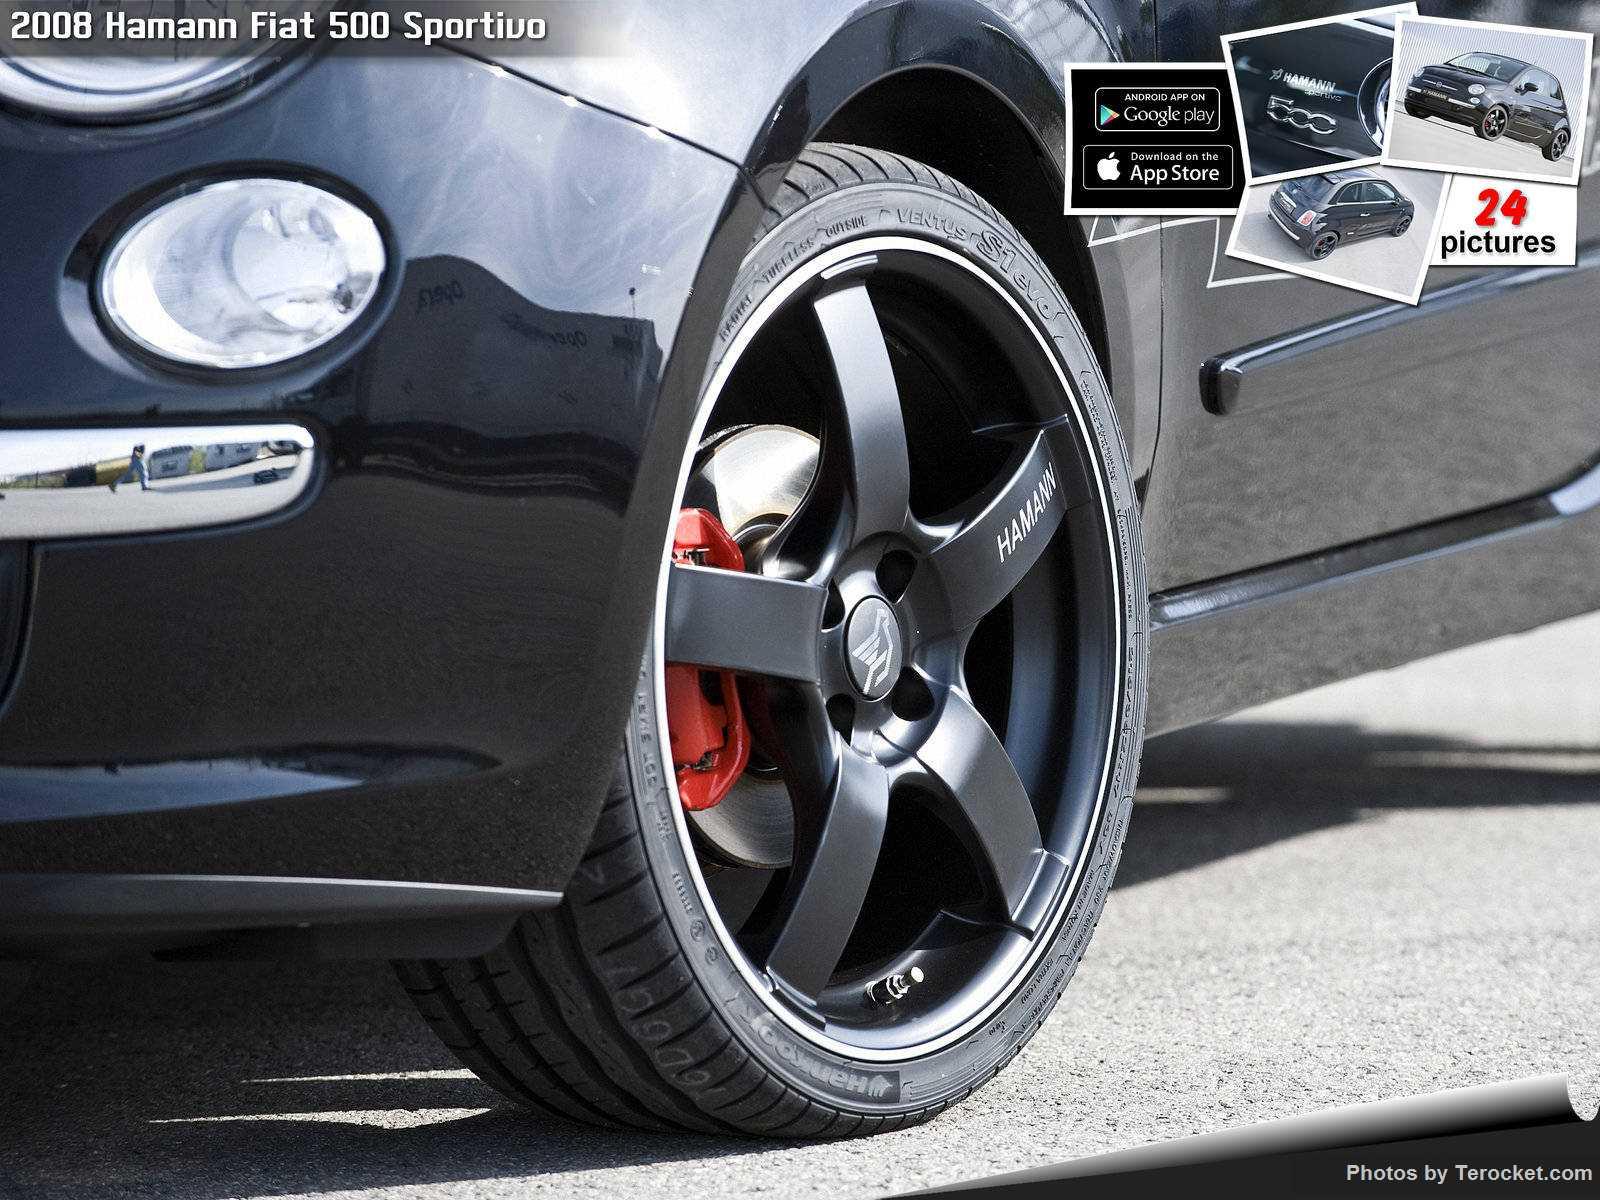 Hình ảnh xe ô tô Hamann Fiat 500 Sportivo 2008 & nội ngoại thất